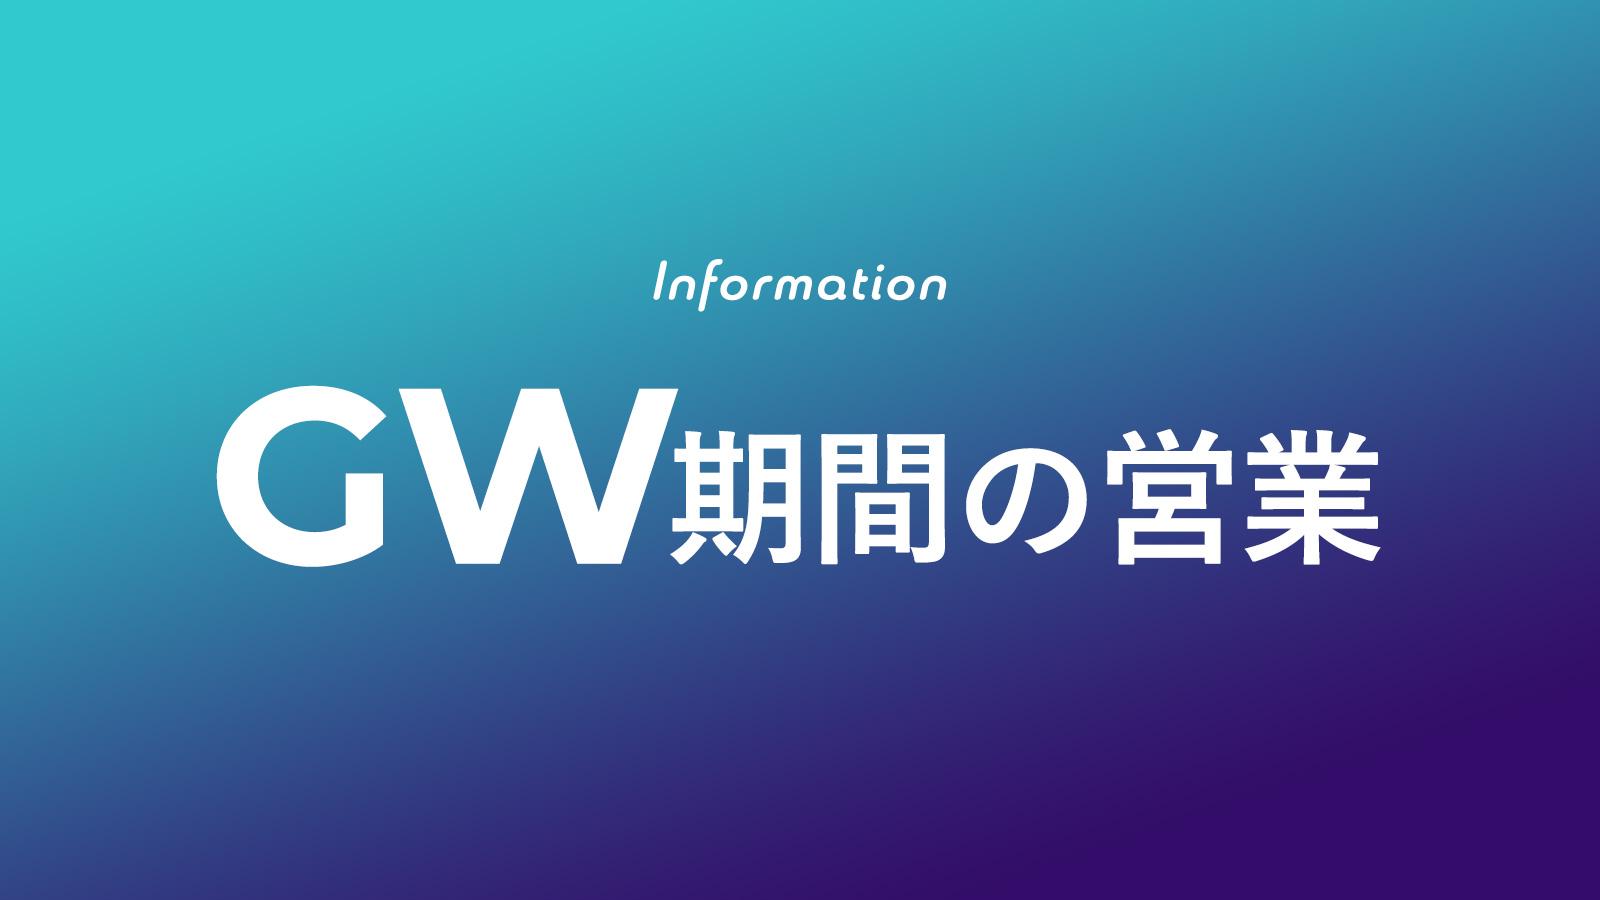 2021年 GW期間の営業についてのお知らせ